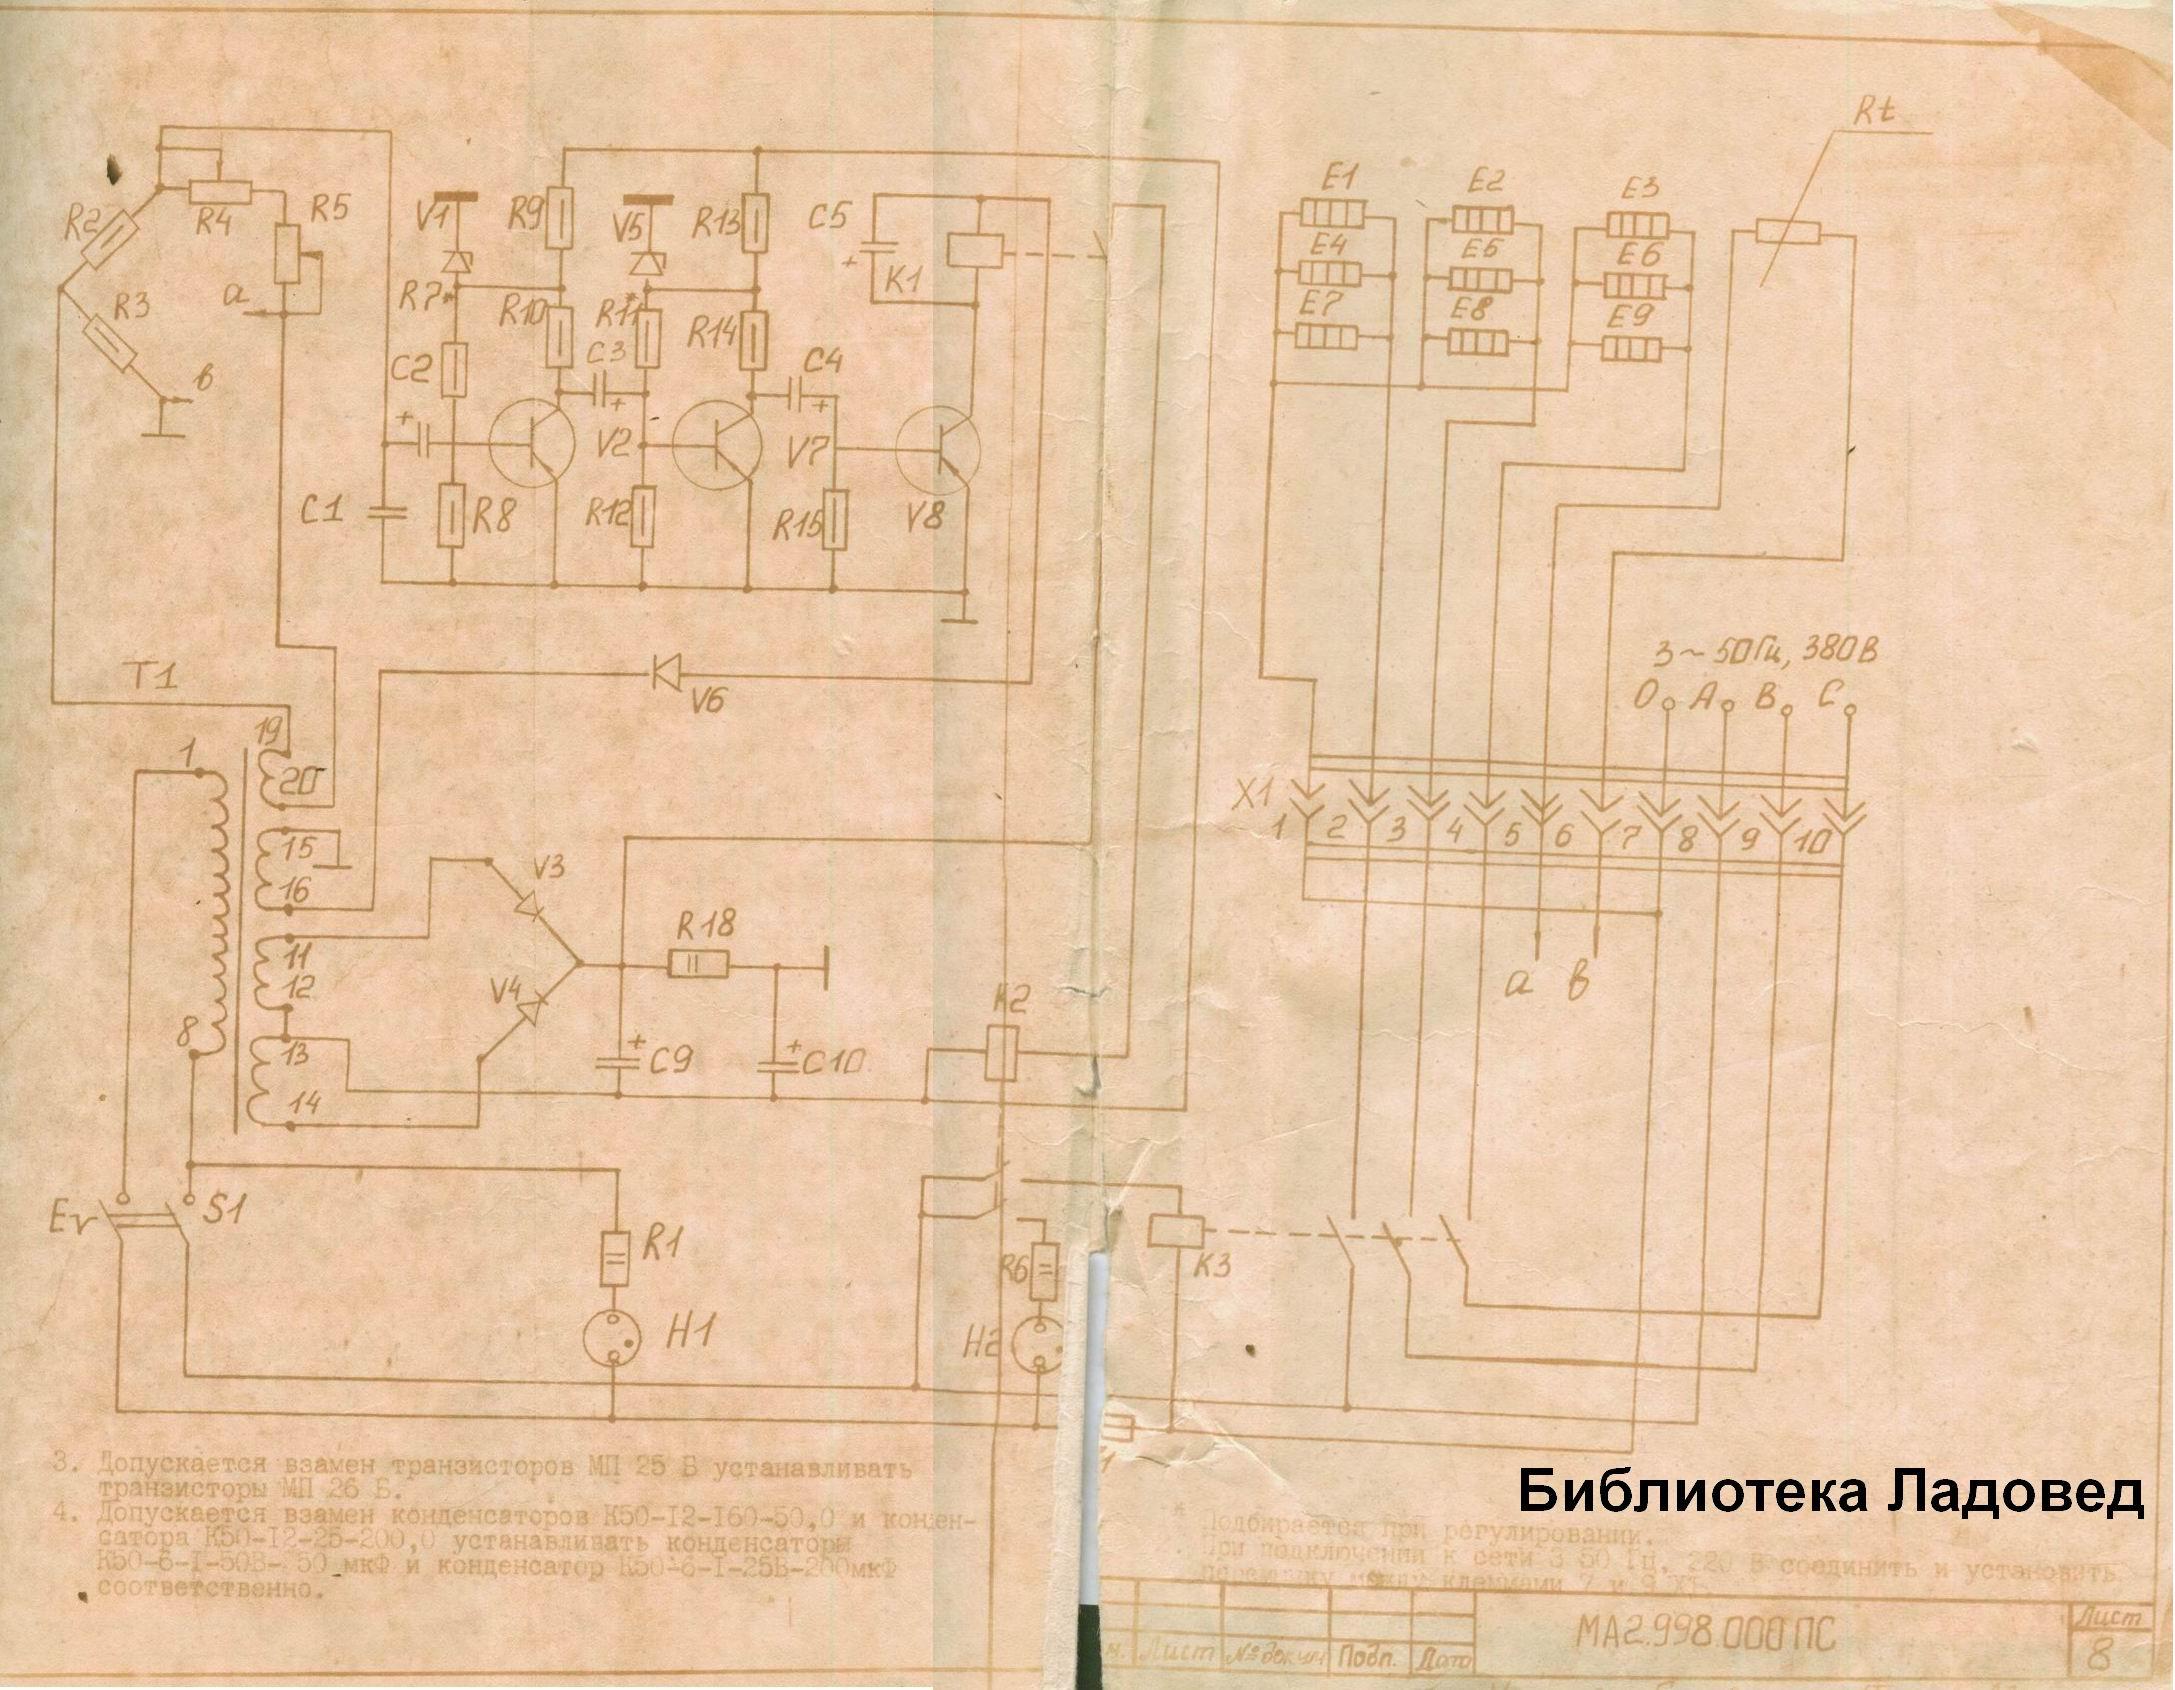 Аппаратура шсс 1 схема